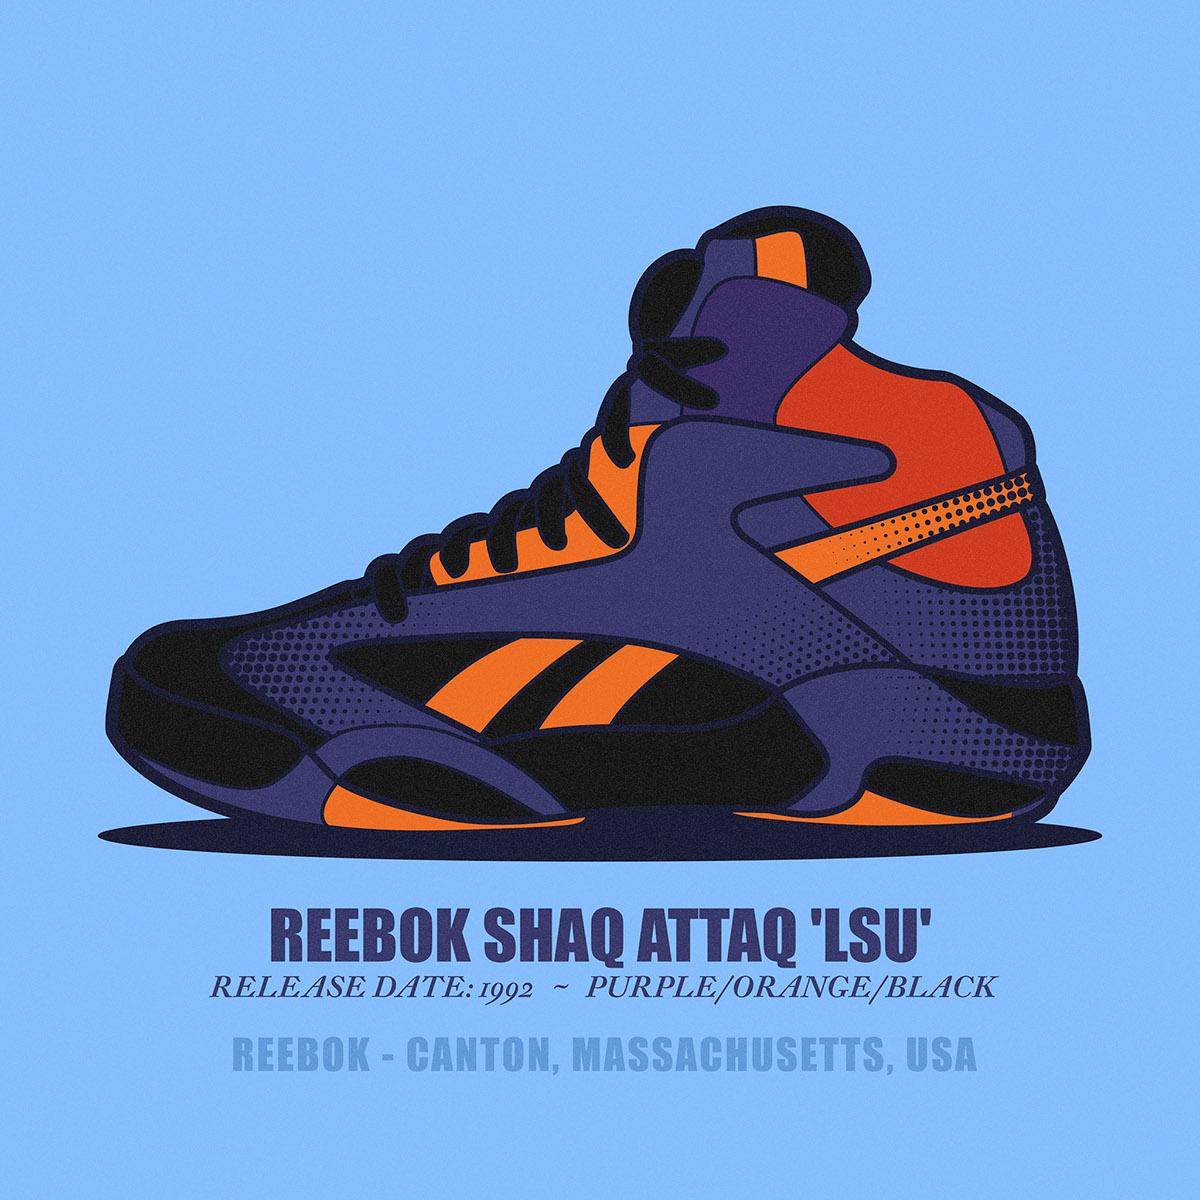 7774154c38603  016 Reebok Shaq Attaq  LSU  - http   sneakercoolture.virb.com 016-reebok -shaq-attaq